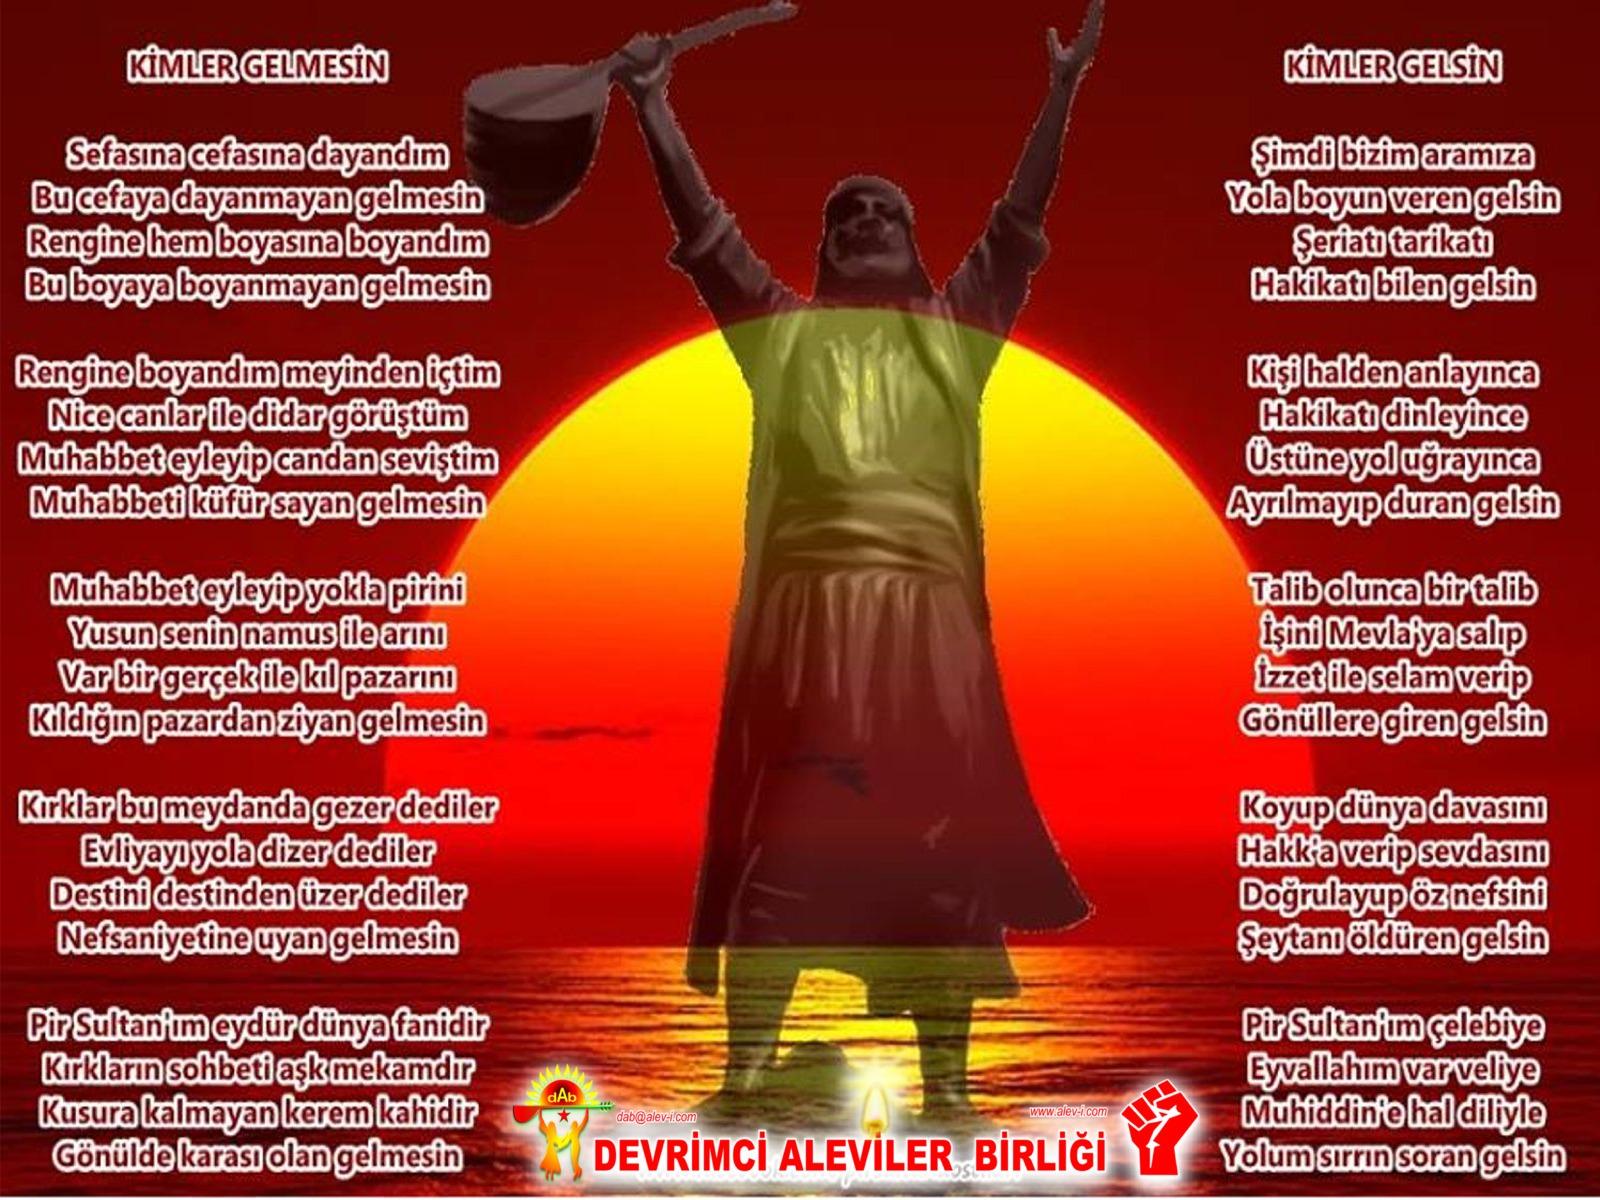 Alevi Bektaşi Kızılbaş Pir Sultan Devrimci Aleviler Birliği DAB gelsin gelmesin pirsultan